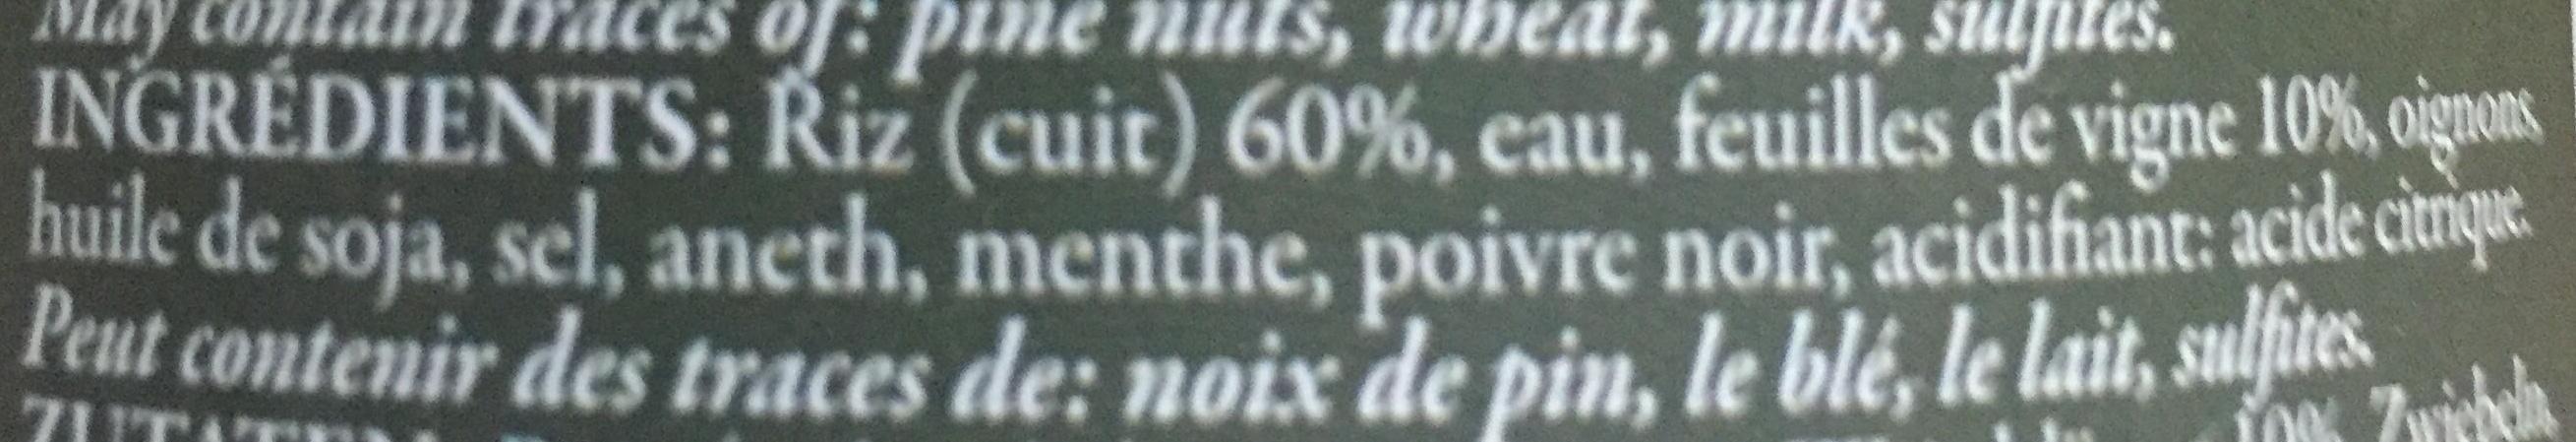 Feuilles de Vigne farcies au riz - Ingredients - fr